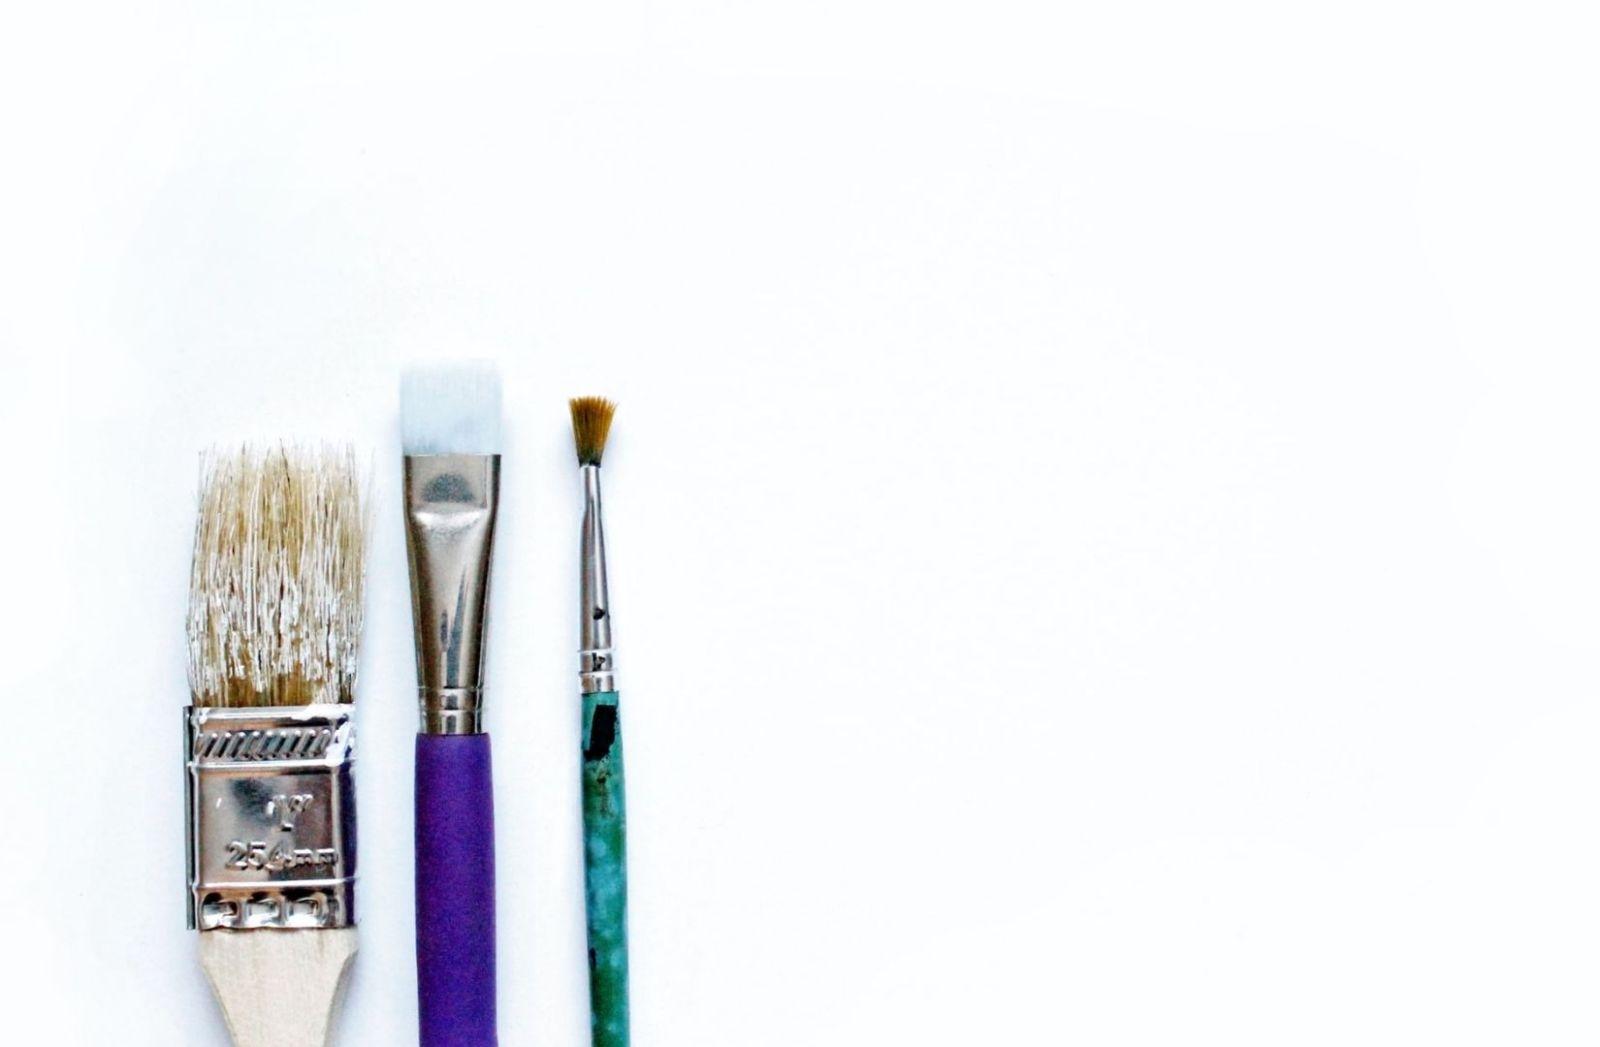 Die Digitalisierung hat auch schon die Malerei erreicht. (Foto: Julie Molliver, Unsplash.com)